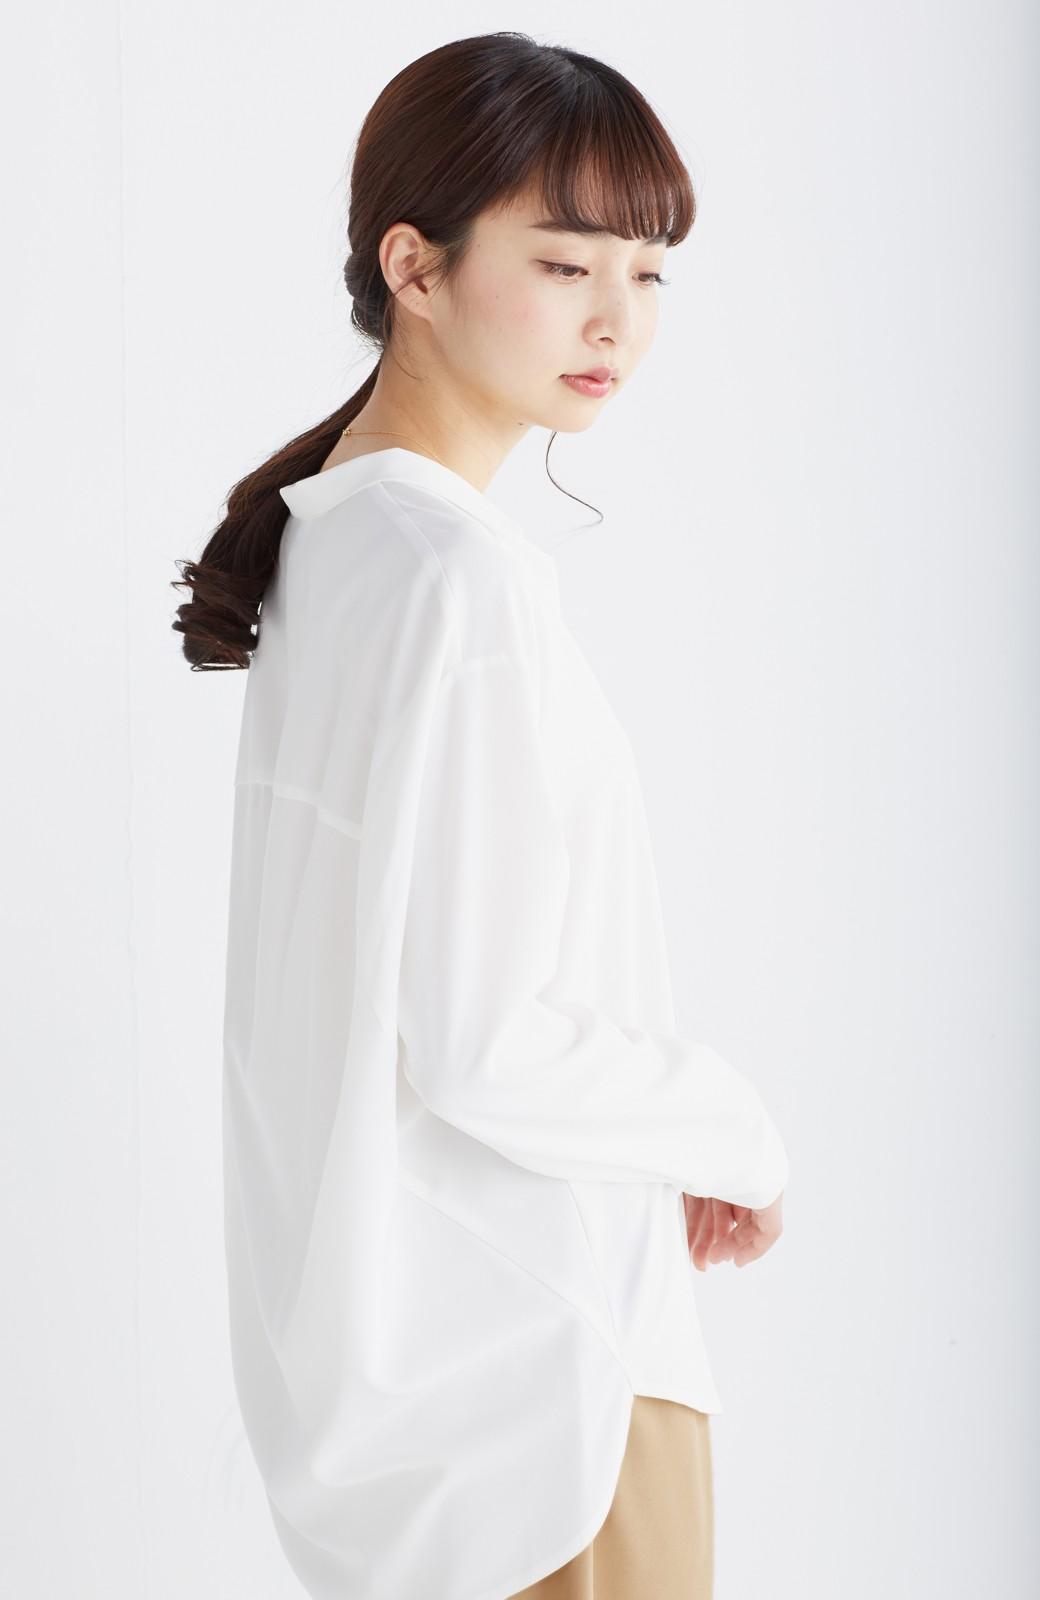 エムトロワ 女らしくてかっこいい スキッパー&抜き衿のとろみシャツ <ホワイト>の商品写真10